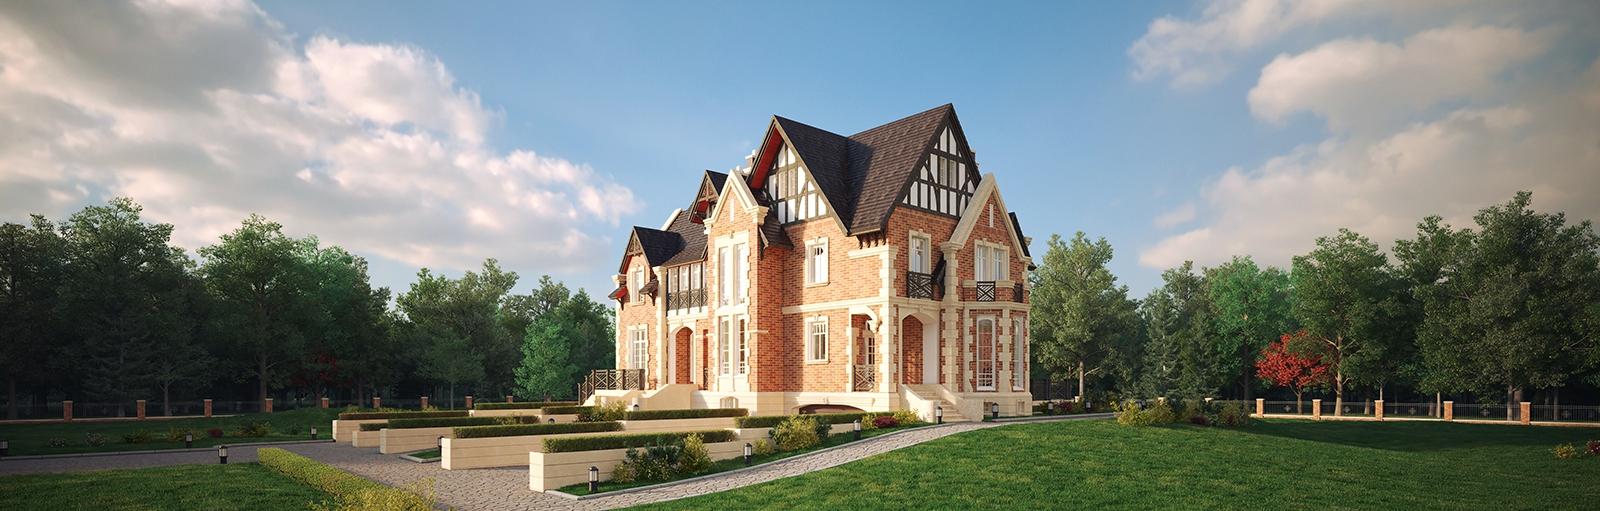 Строительство домов и коттеджей челябинск